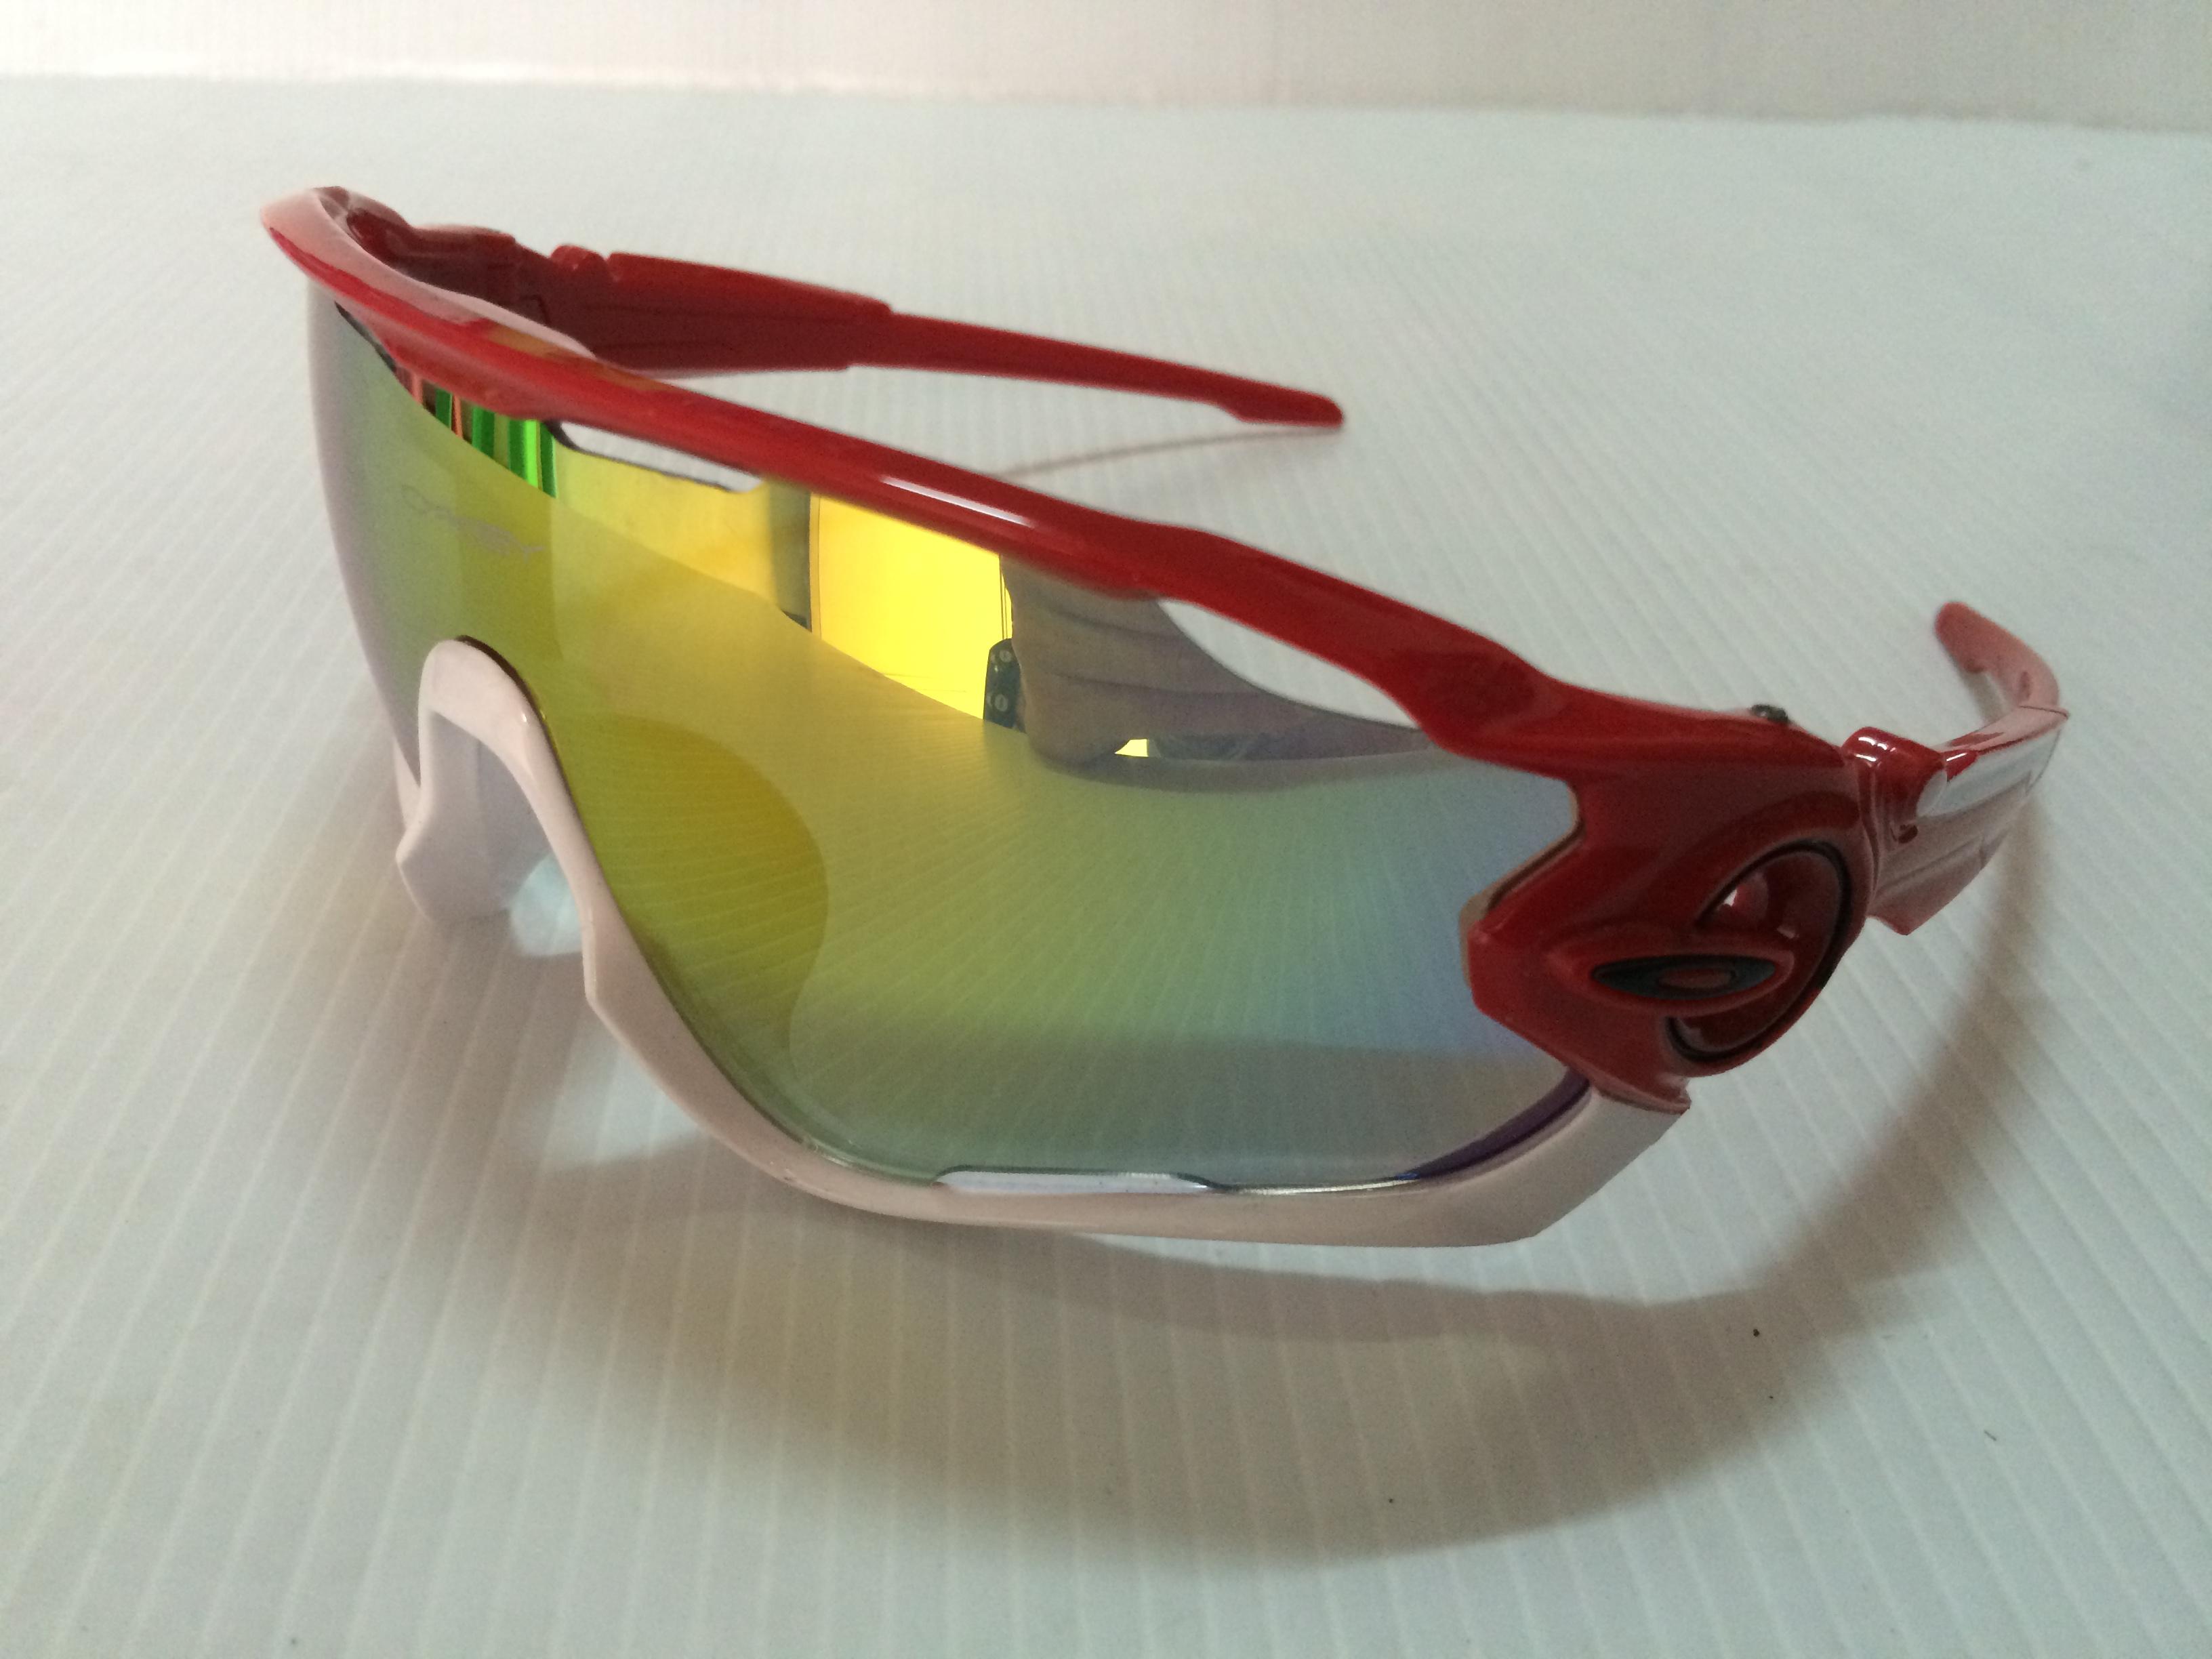 แว่นตา OAKLEY JAWBREAKER สีแดงขาว เลนส์สว่าง